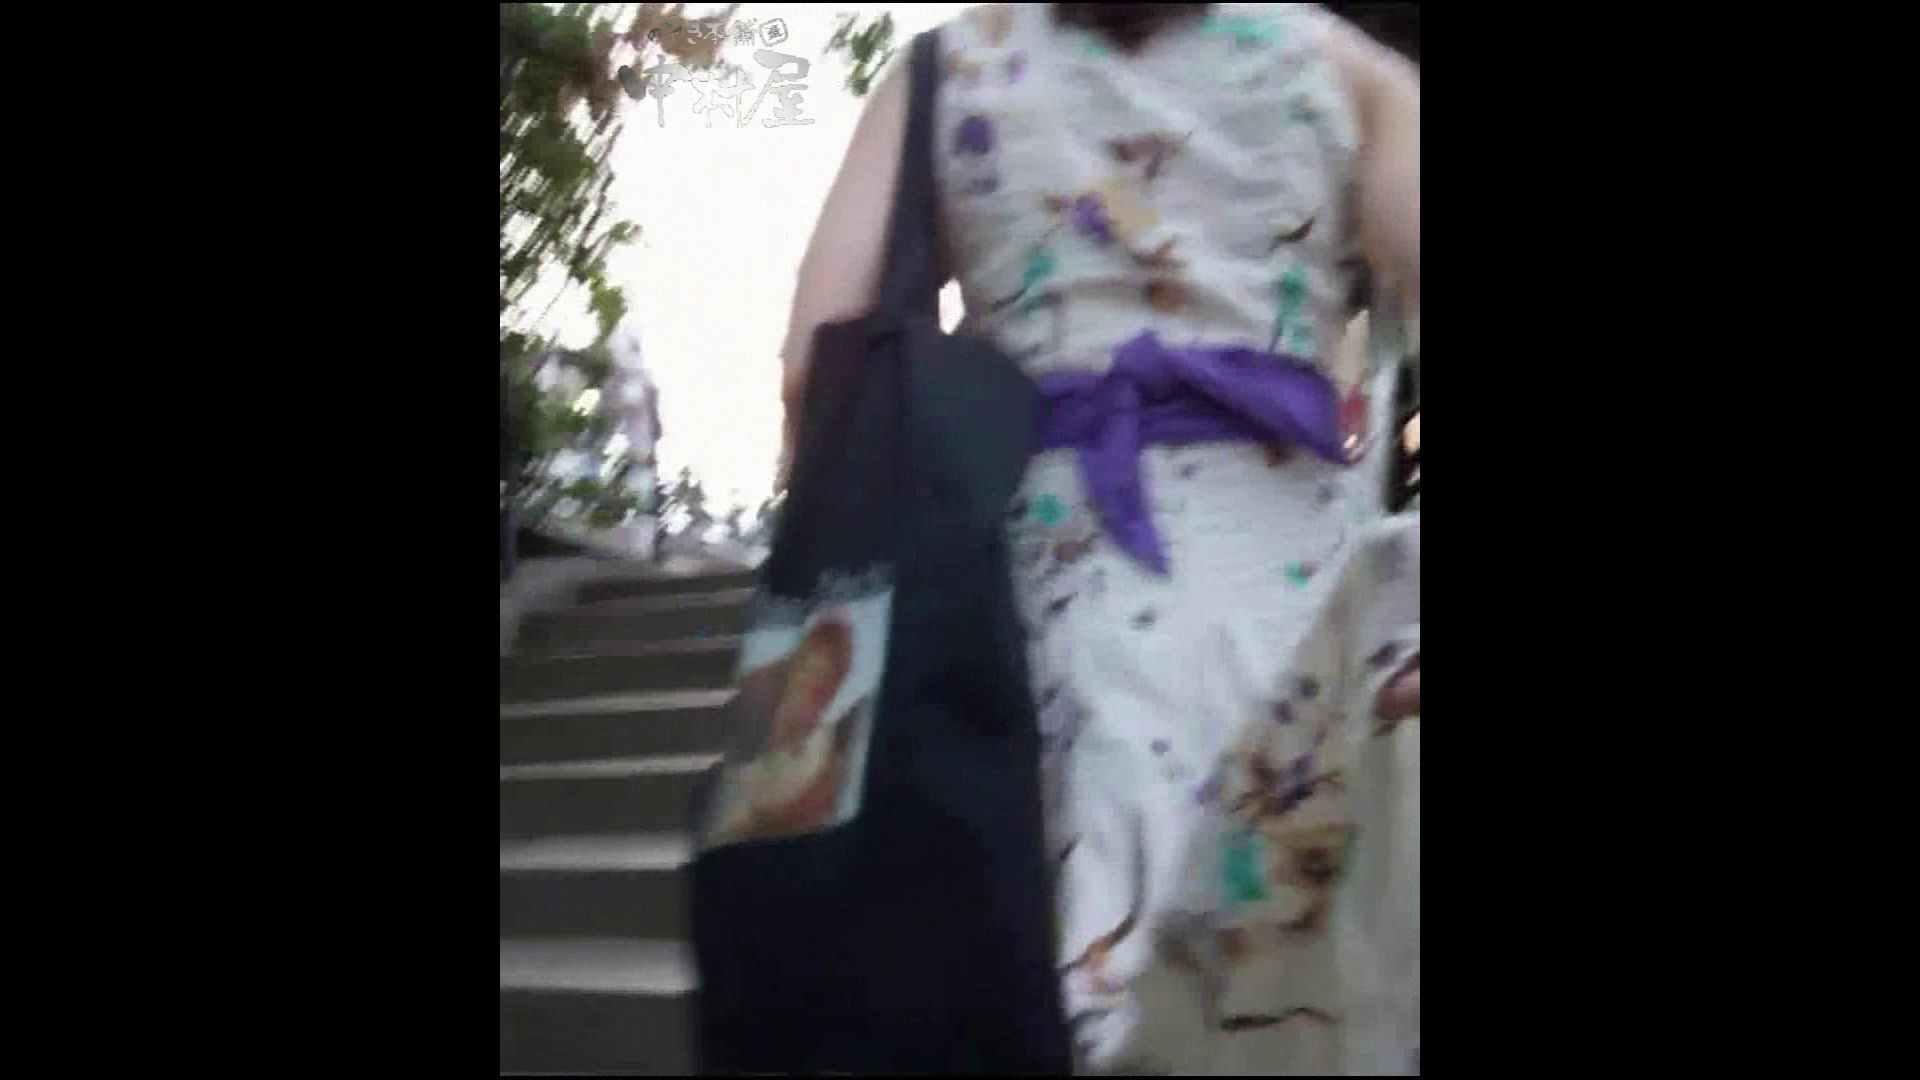 綺麗なモデルさんのスカート捲っちゃおう‼ vol23 エロいお姉さん 性交動画流出 35枚